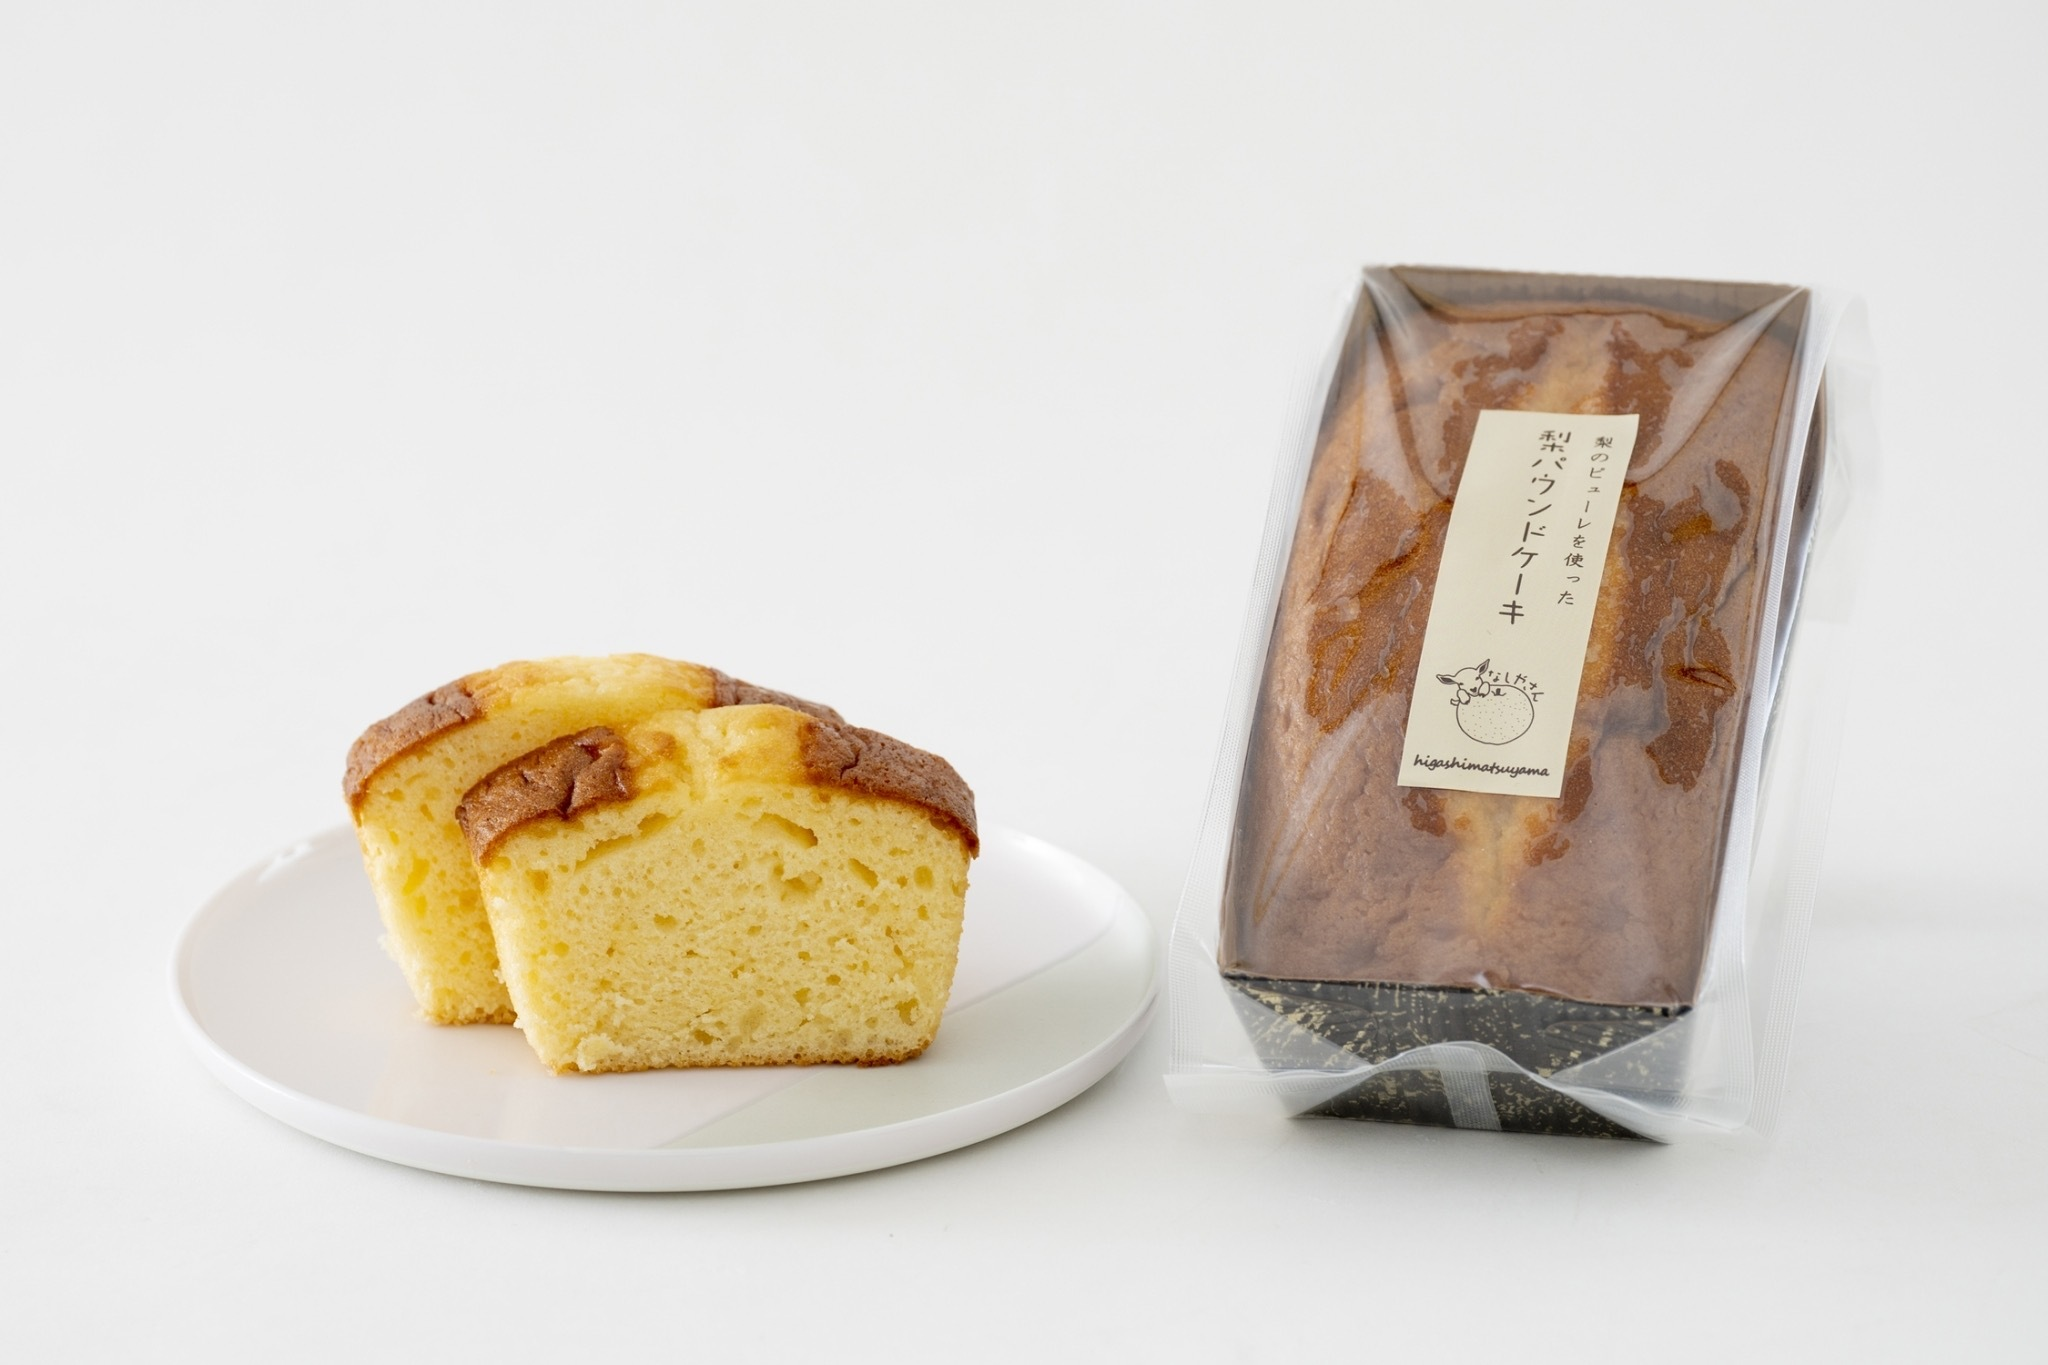 梨パウンドケーキ食べ比べセット(化粧箱入り)